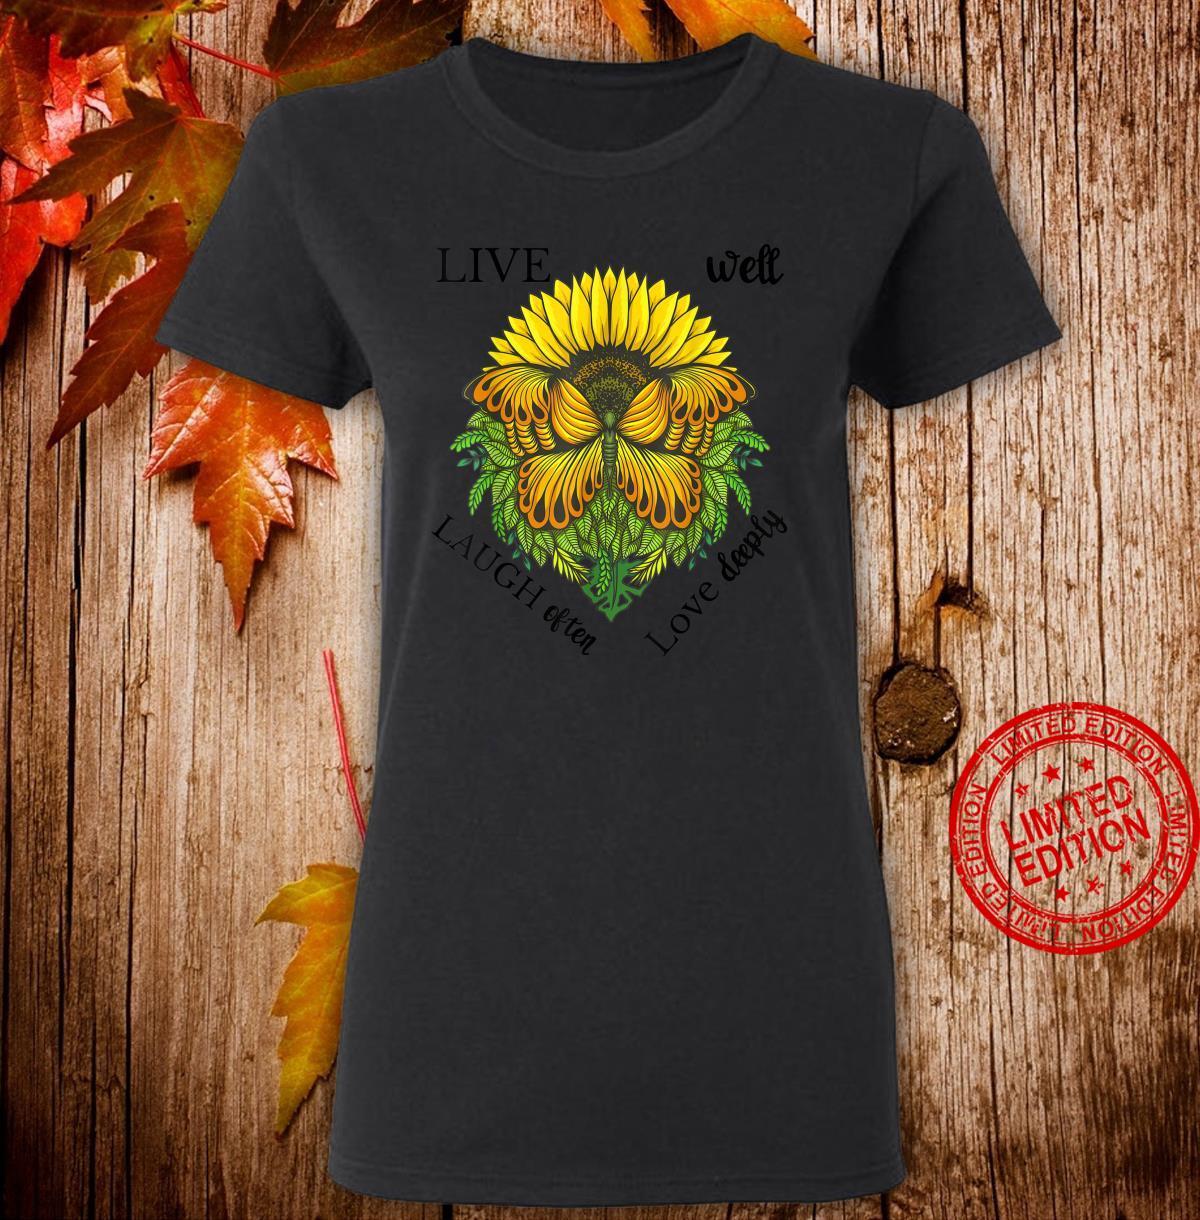 Sunflower Butterfly Shirt,Live Well Laugh Often Love Deeply Shirt ladies tee